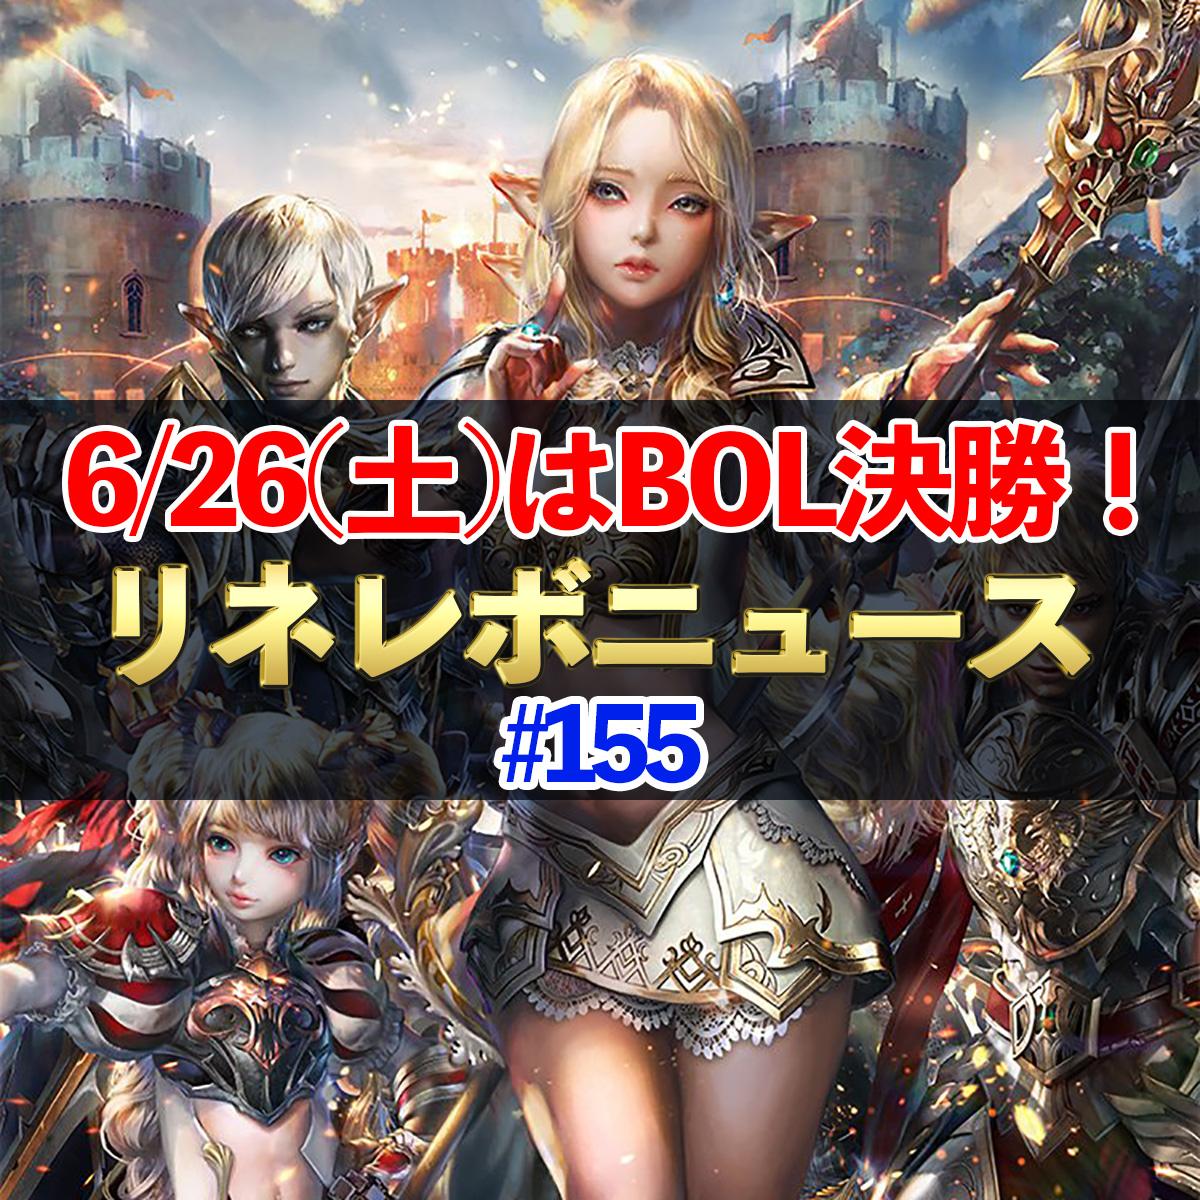 【リネレボ】6/26(土)はBOL決勝! #155